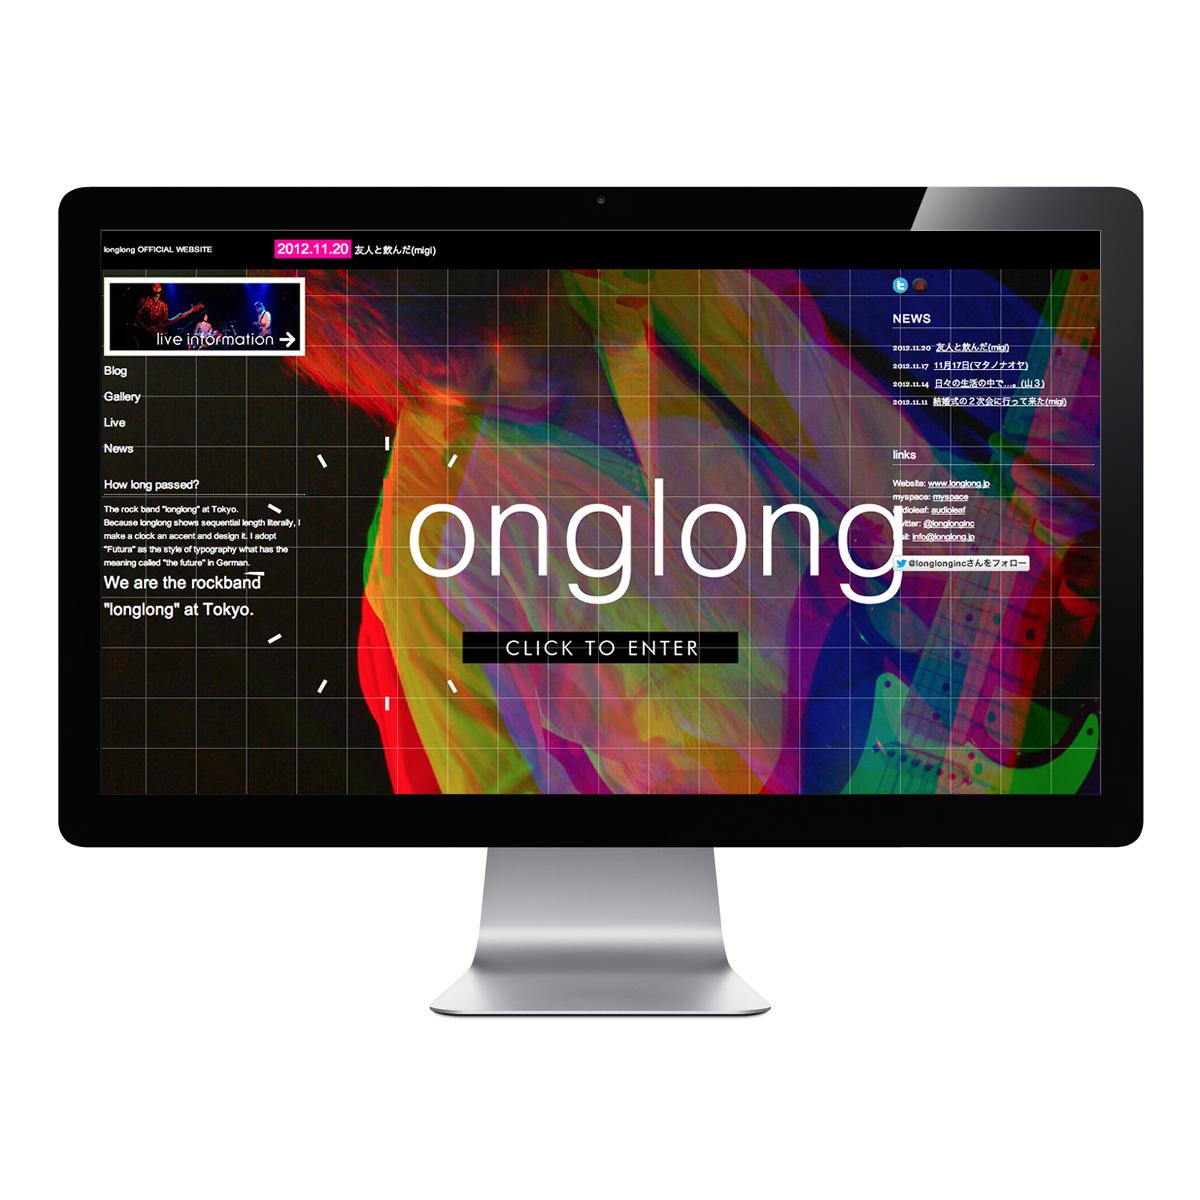 この度、東京のロックバンド longlong の公式ウェブサイトを制作させていただきました。